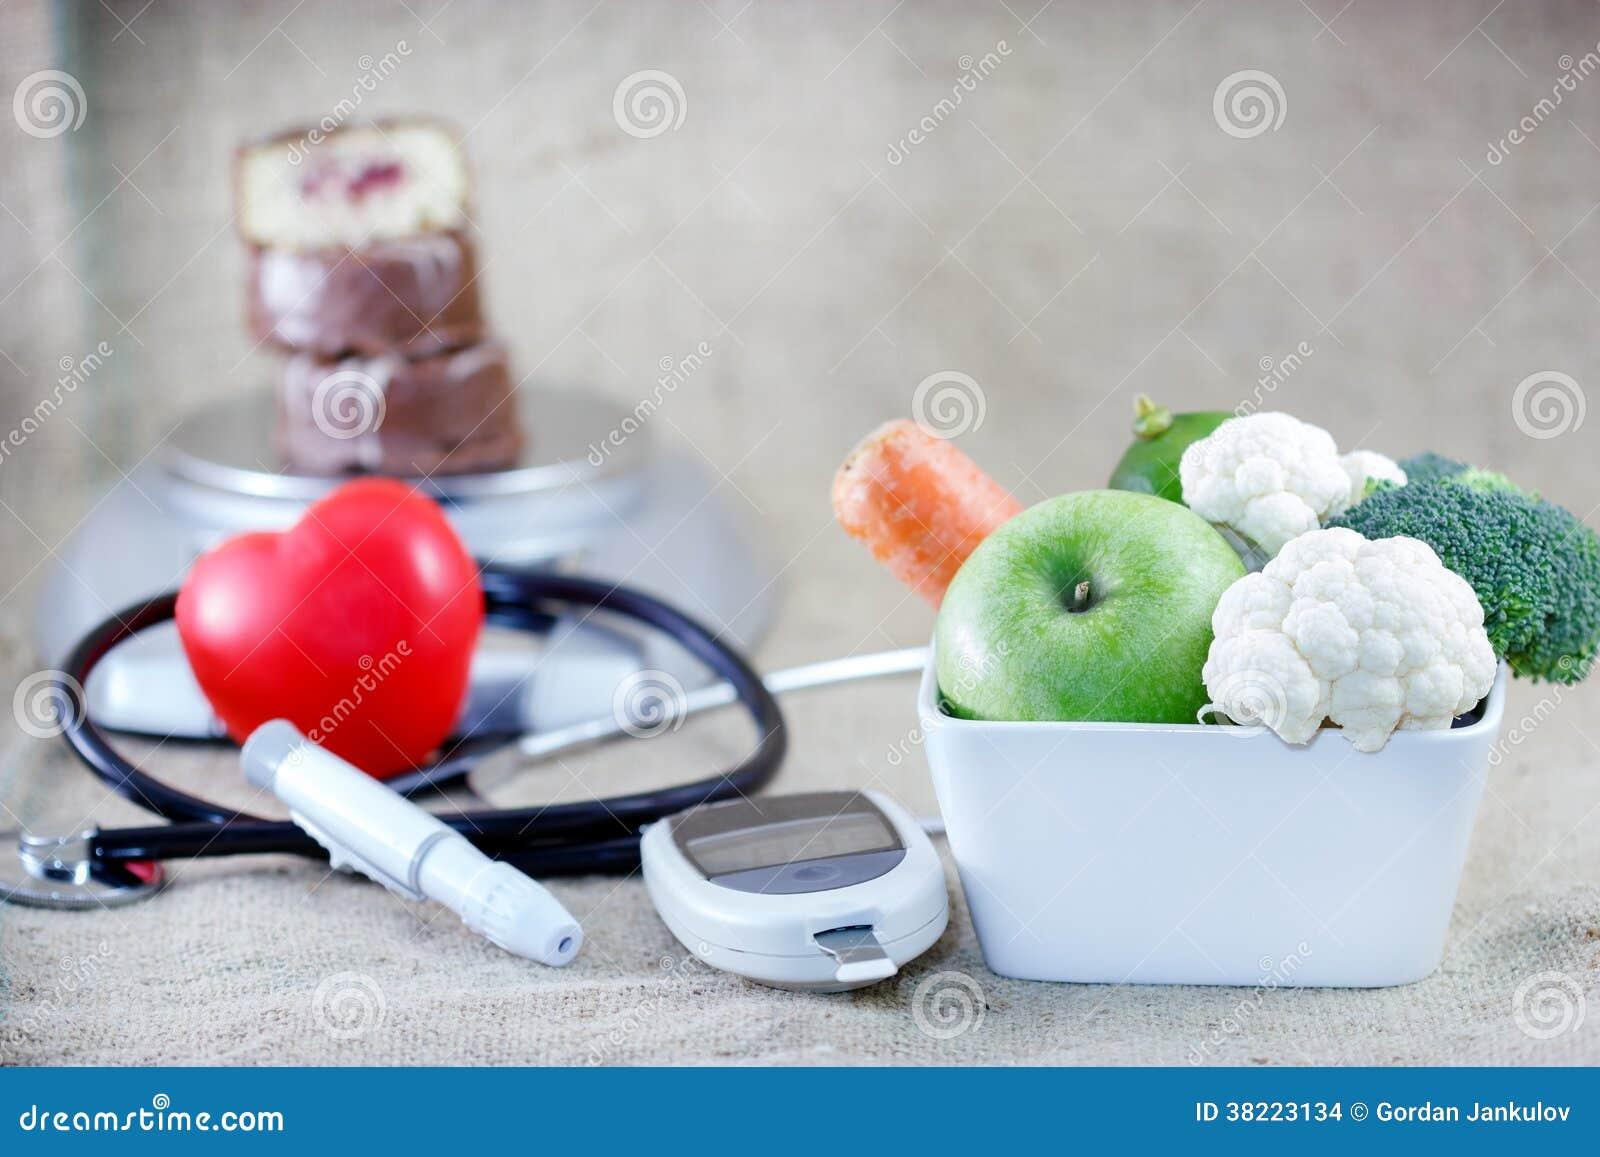 Riktigt och allsidig kost som undviker sockersjuka